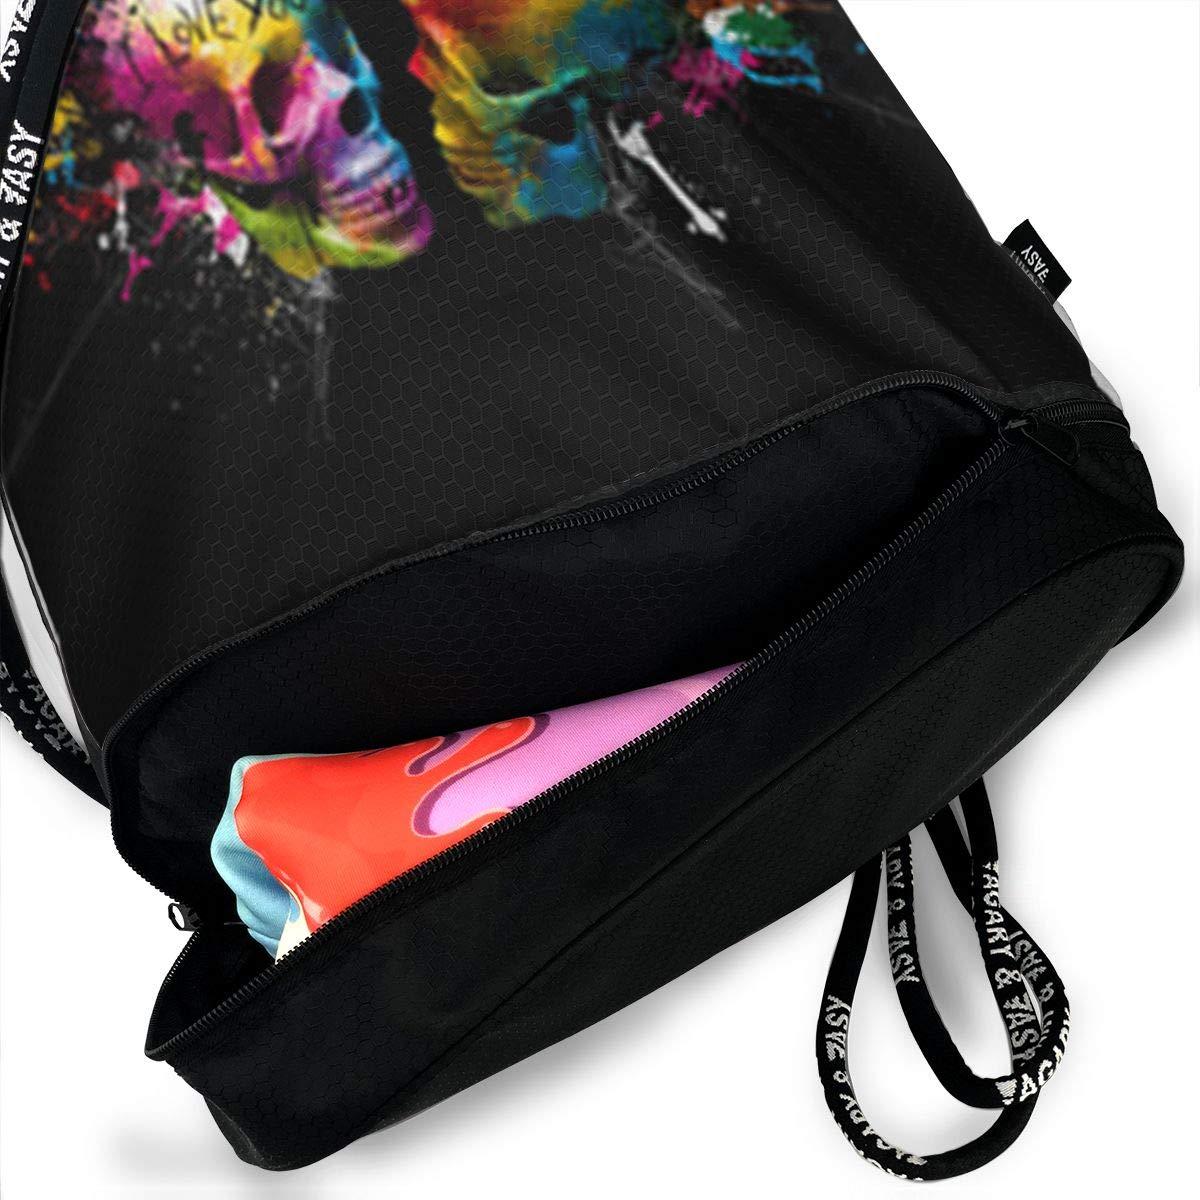 HUOPR5Q Black-Colorful-Skull Drawstring Backpack Sport Gym Sack Shoulder Bulk Bag Dance Bag for School Travel